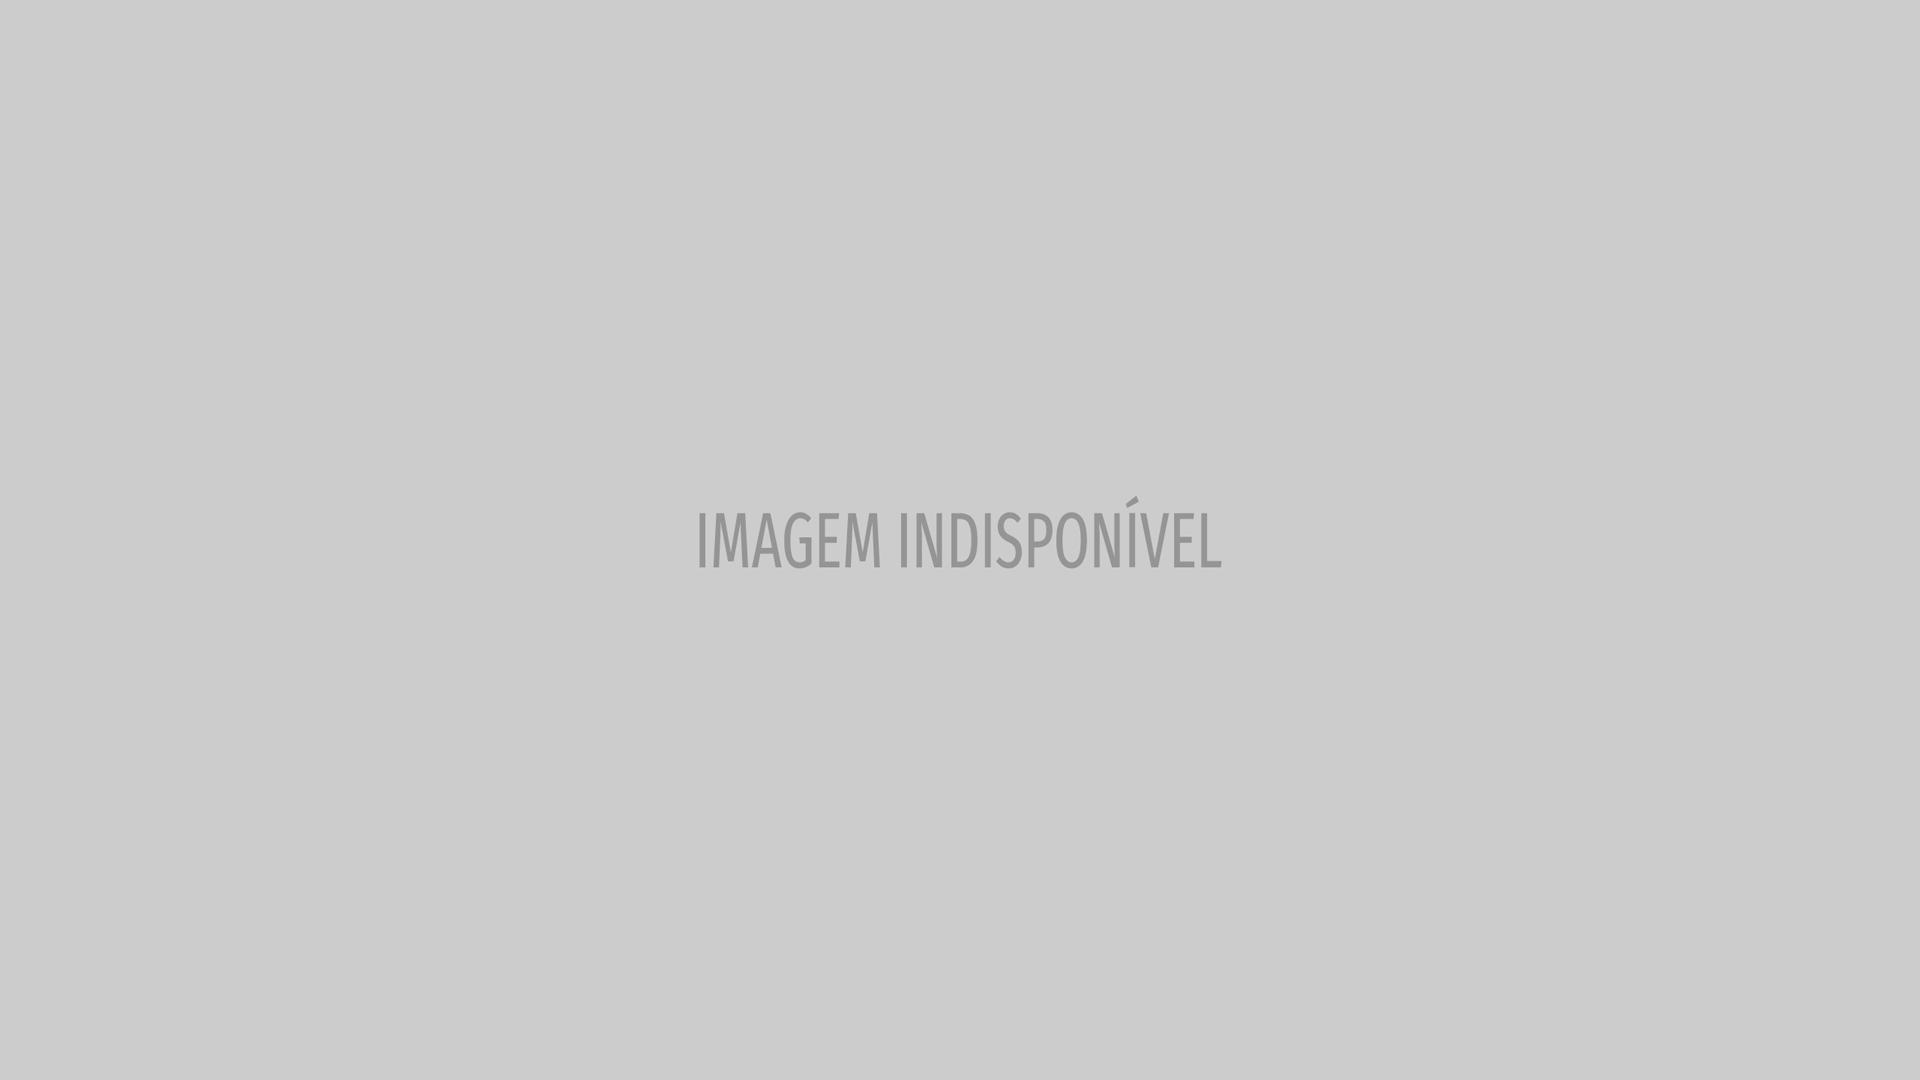 Otaviano usa photoshop em foto de Flávia Alessandra e é criticado